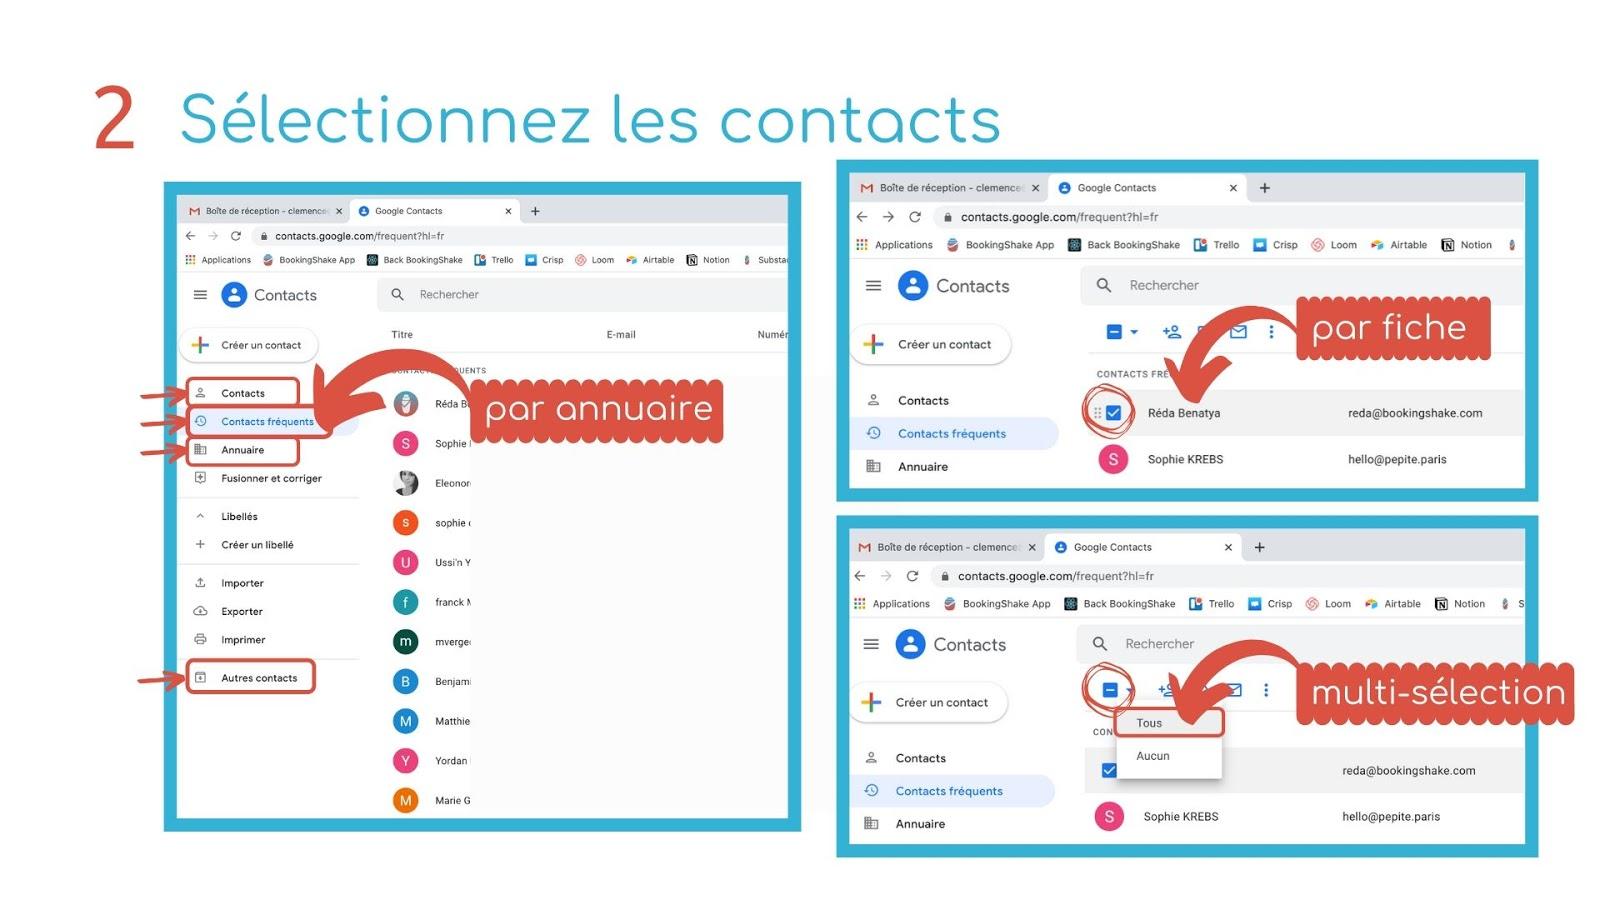 sélectionnez contacts étape 2